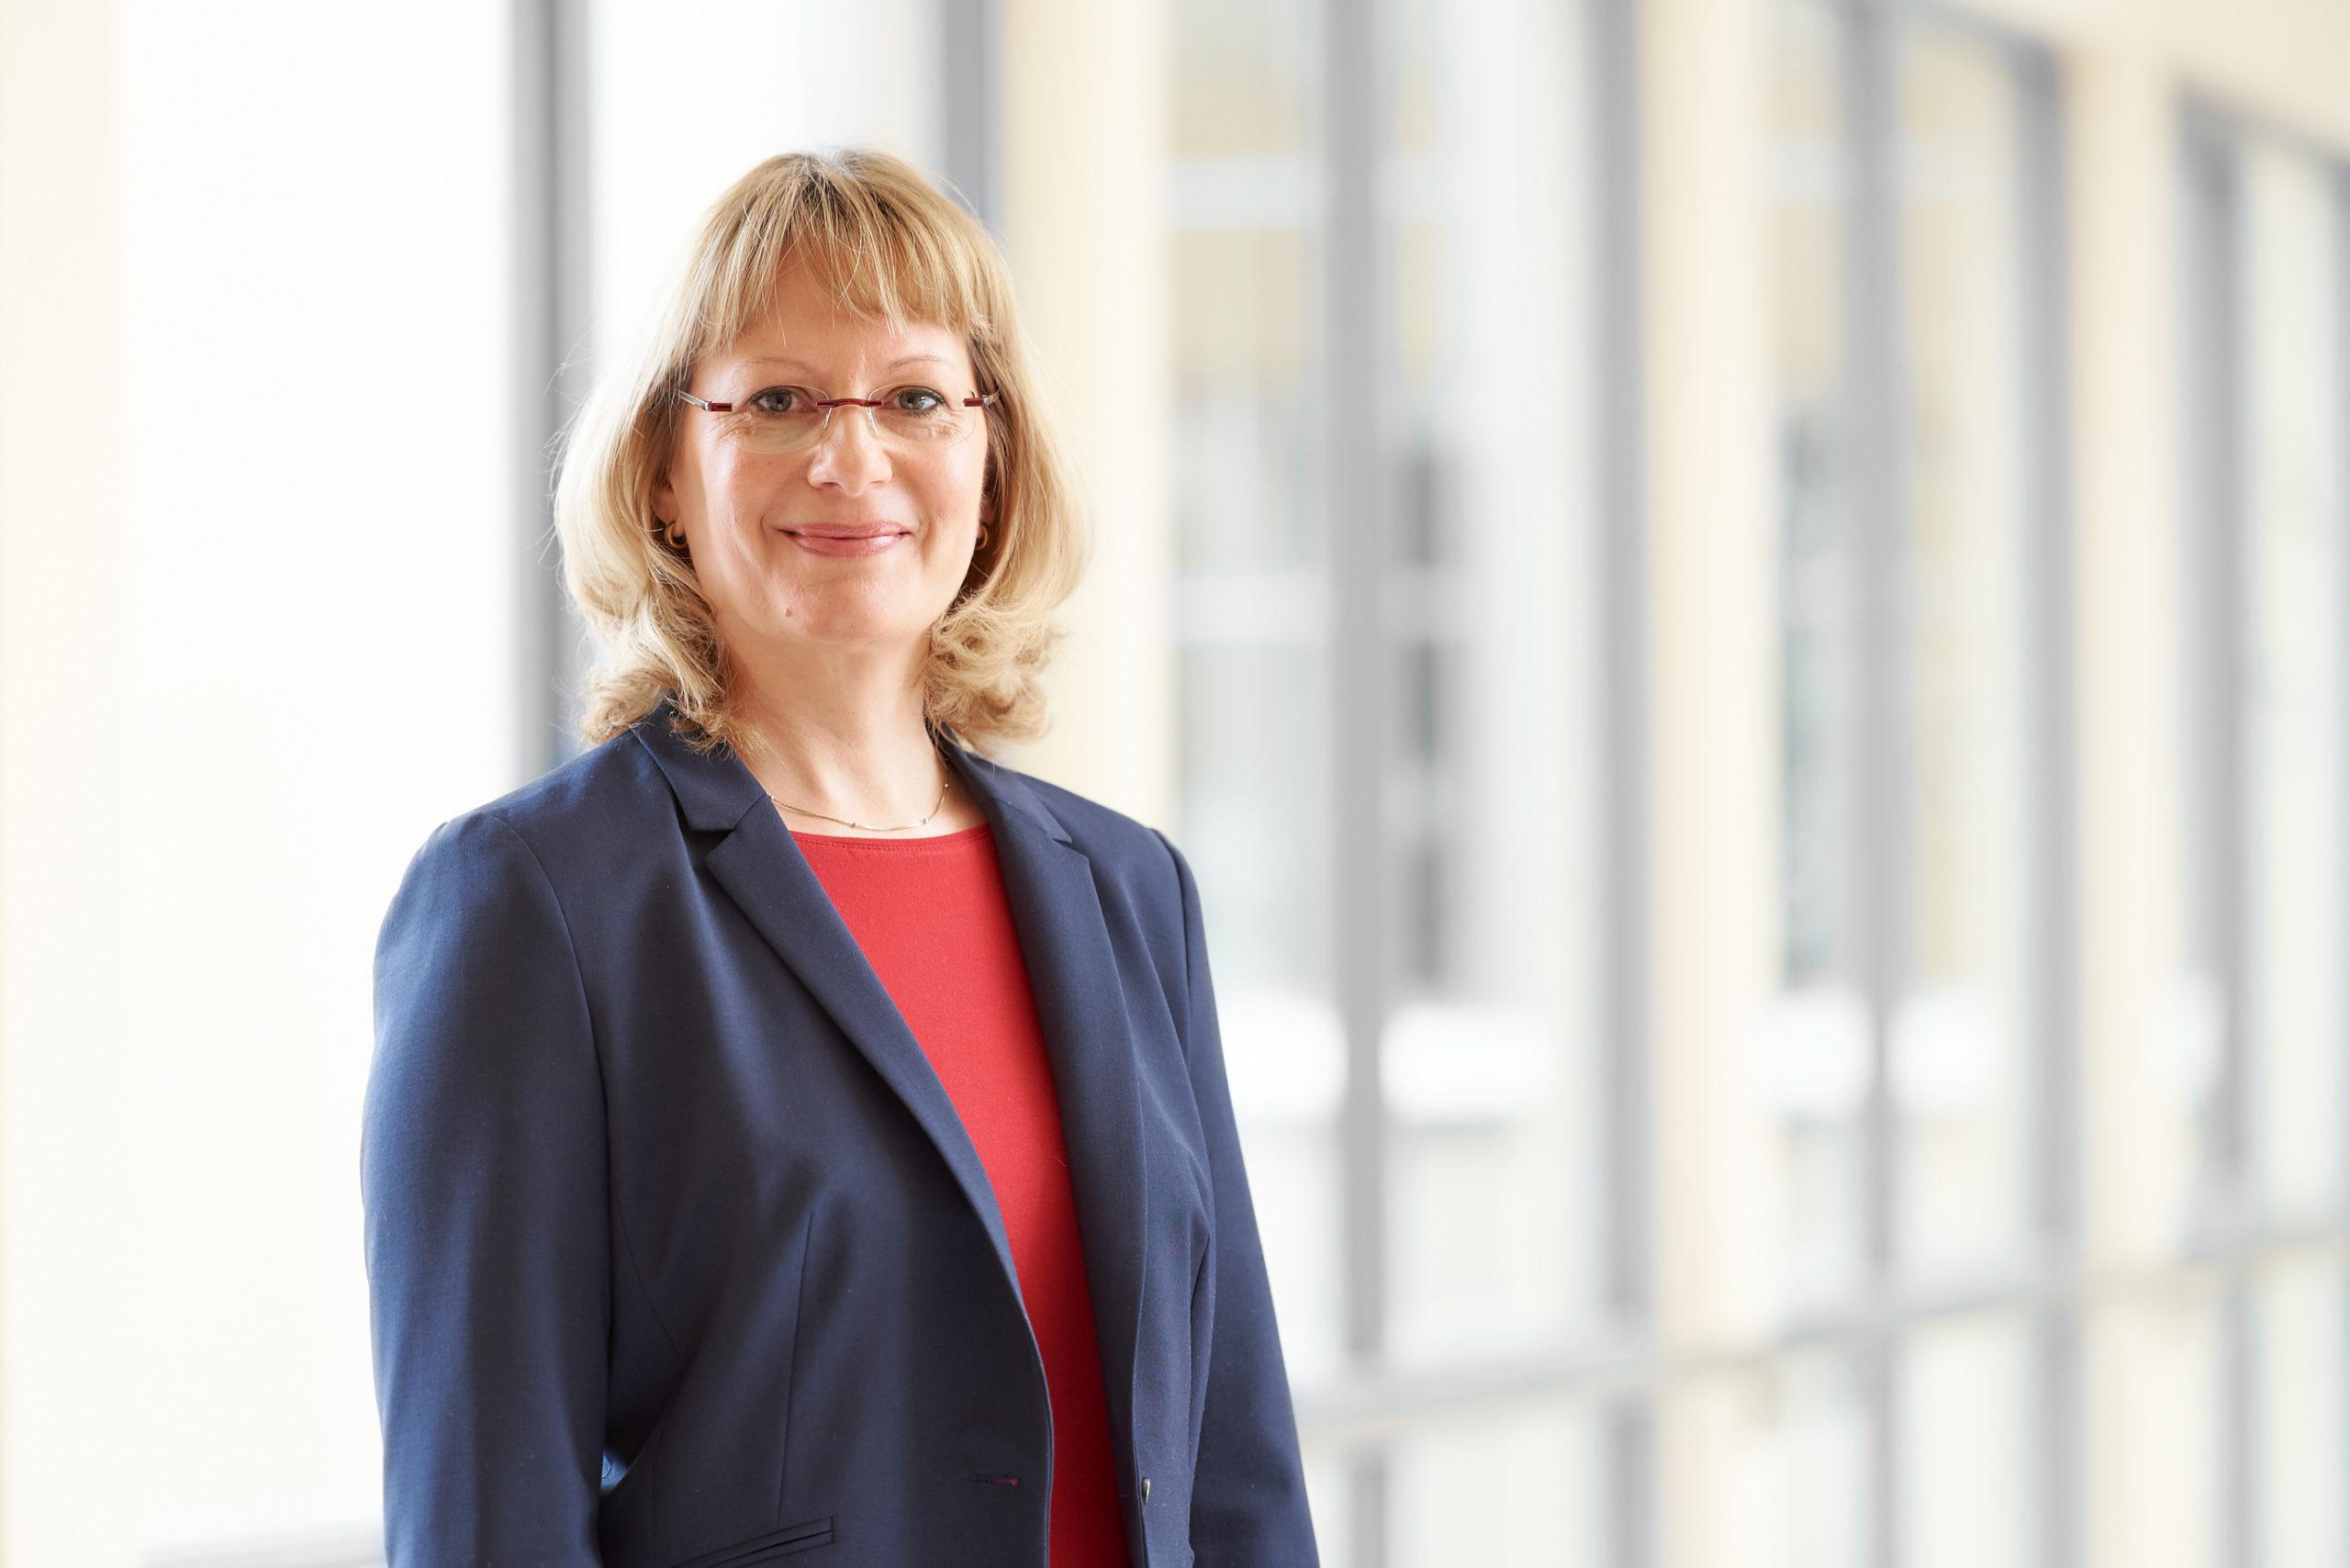 Dr. Carolin Ligges